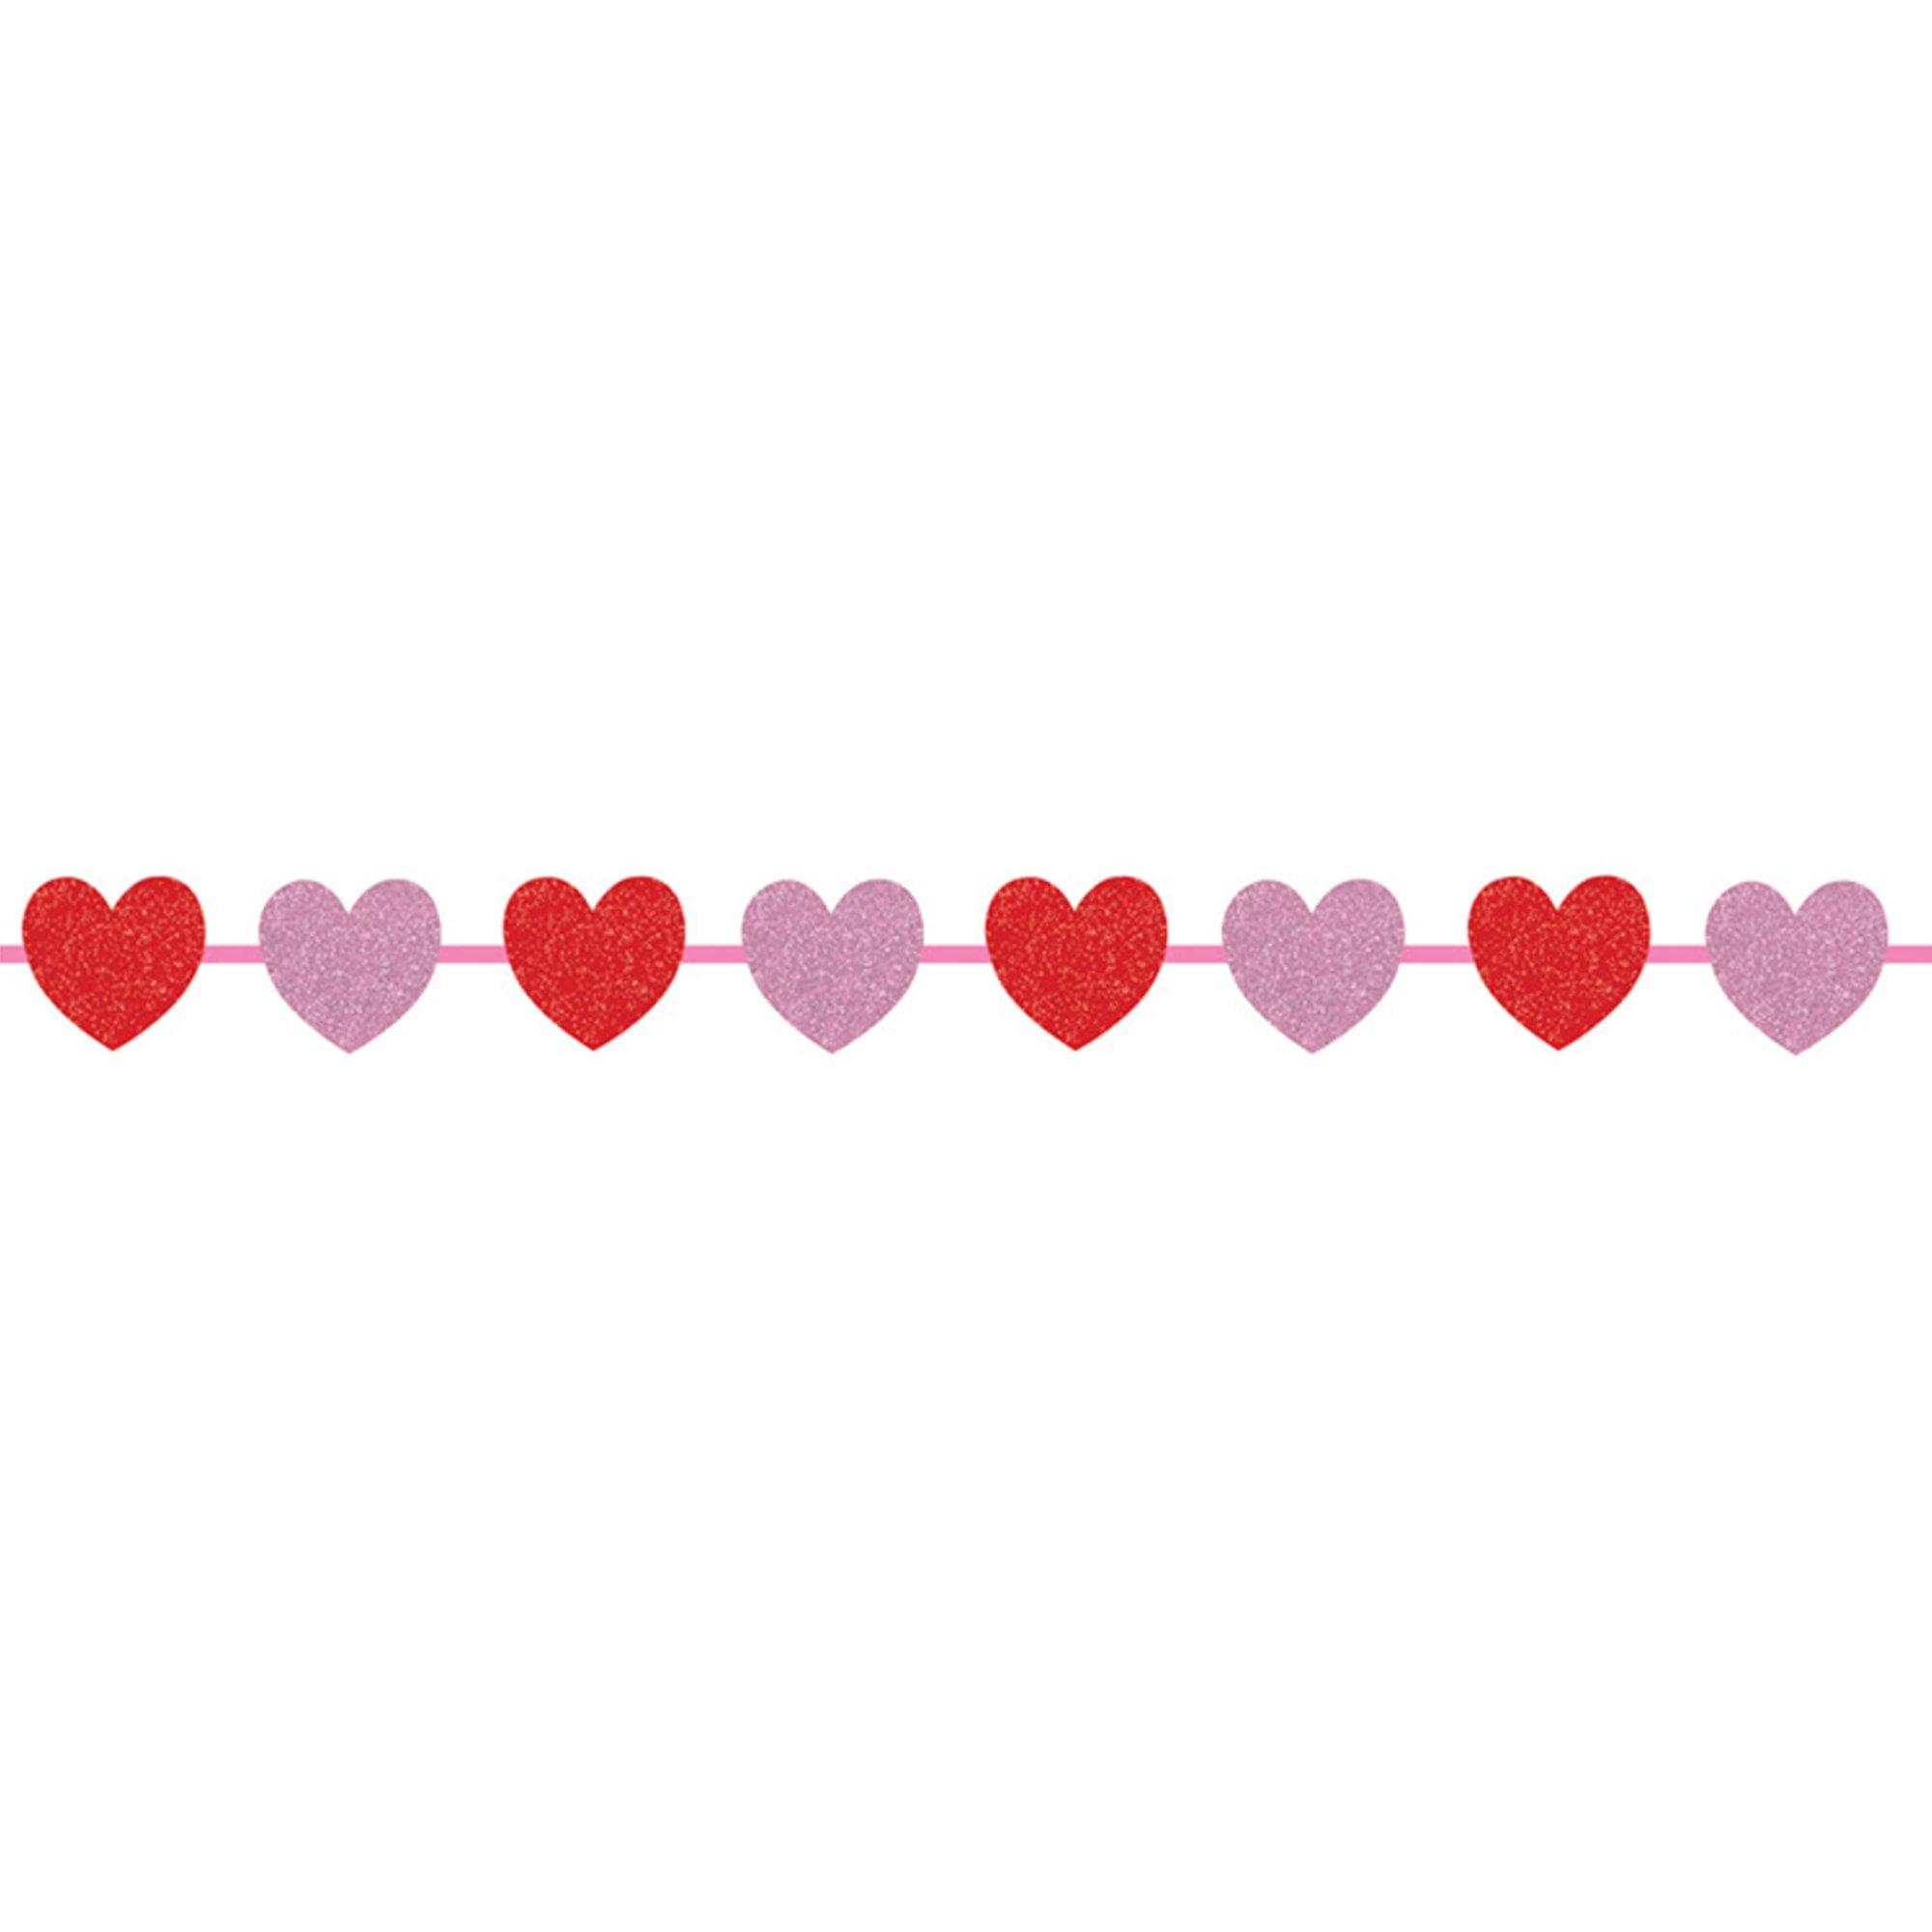 Glitter Hearts Ribbon Garland.